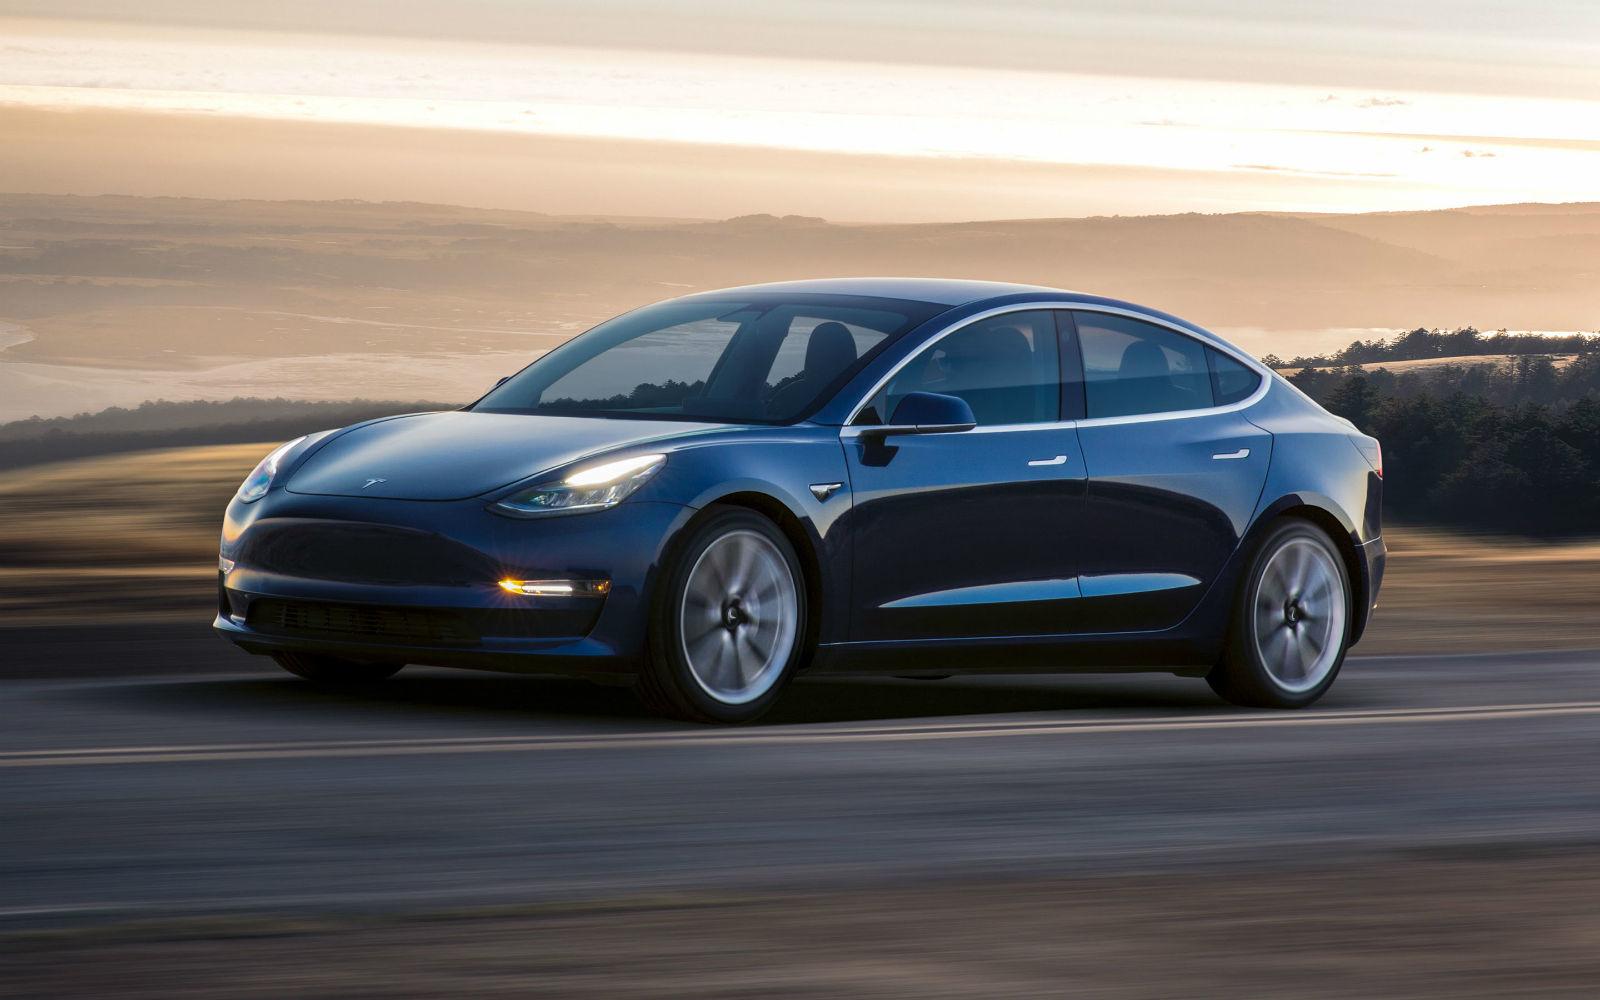 Este vídeo resolverá todas tus dudas sobre el Tesla Model 3